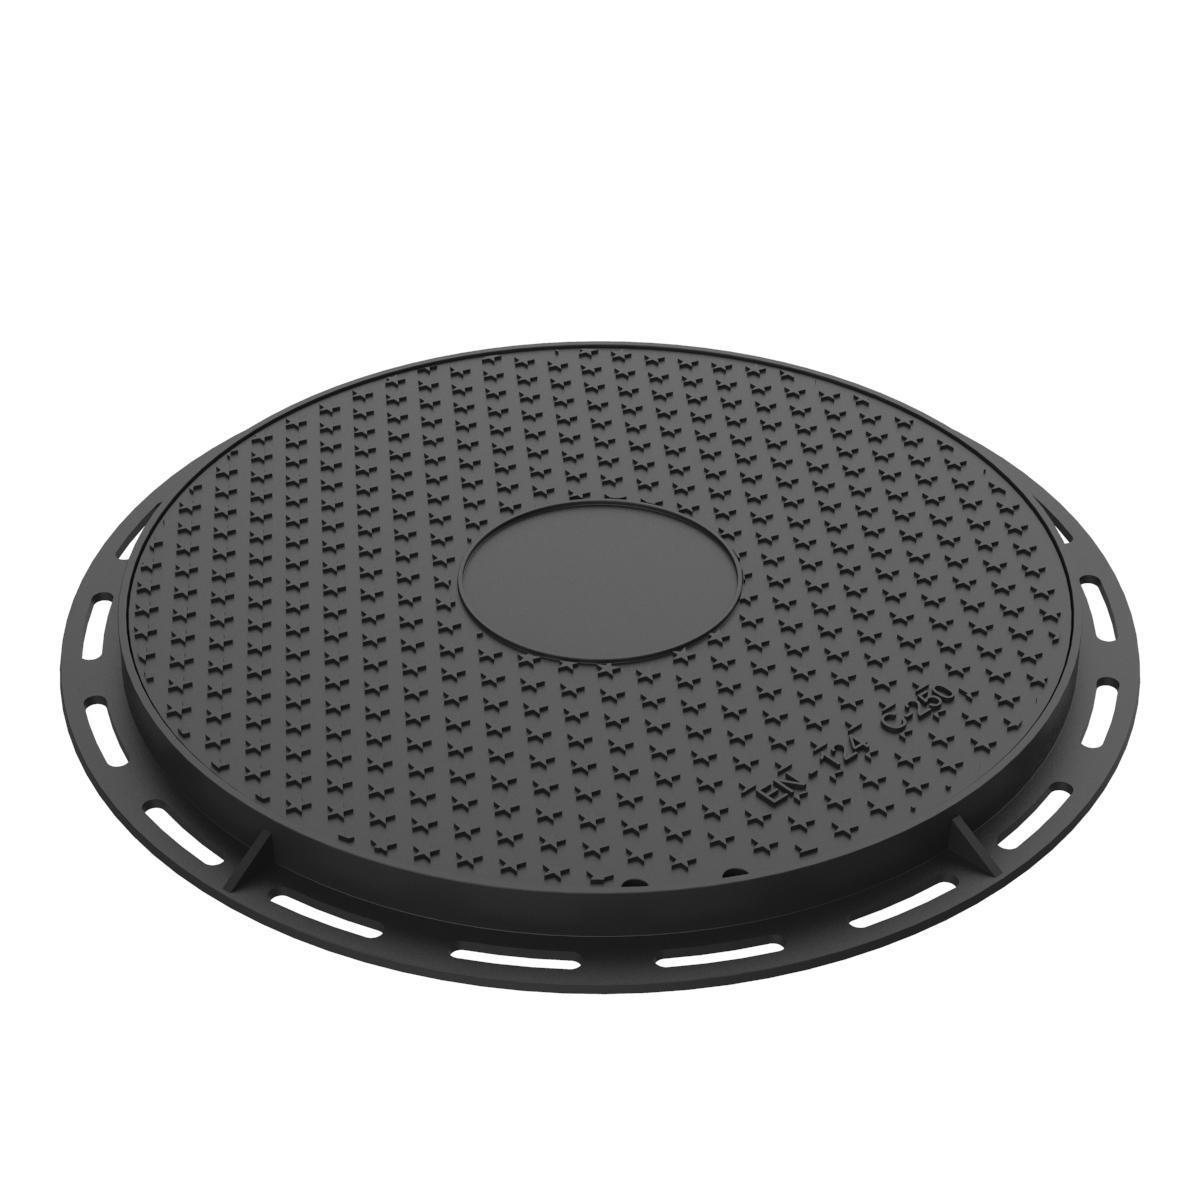 Tapa y aro circular de registro fundicion ductil B-8DU250